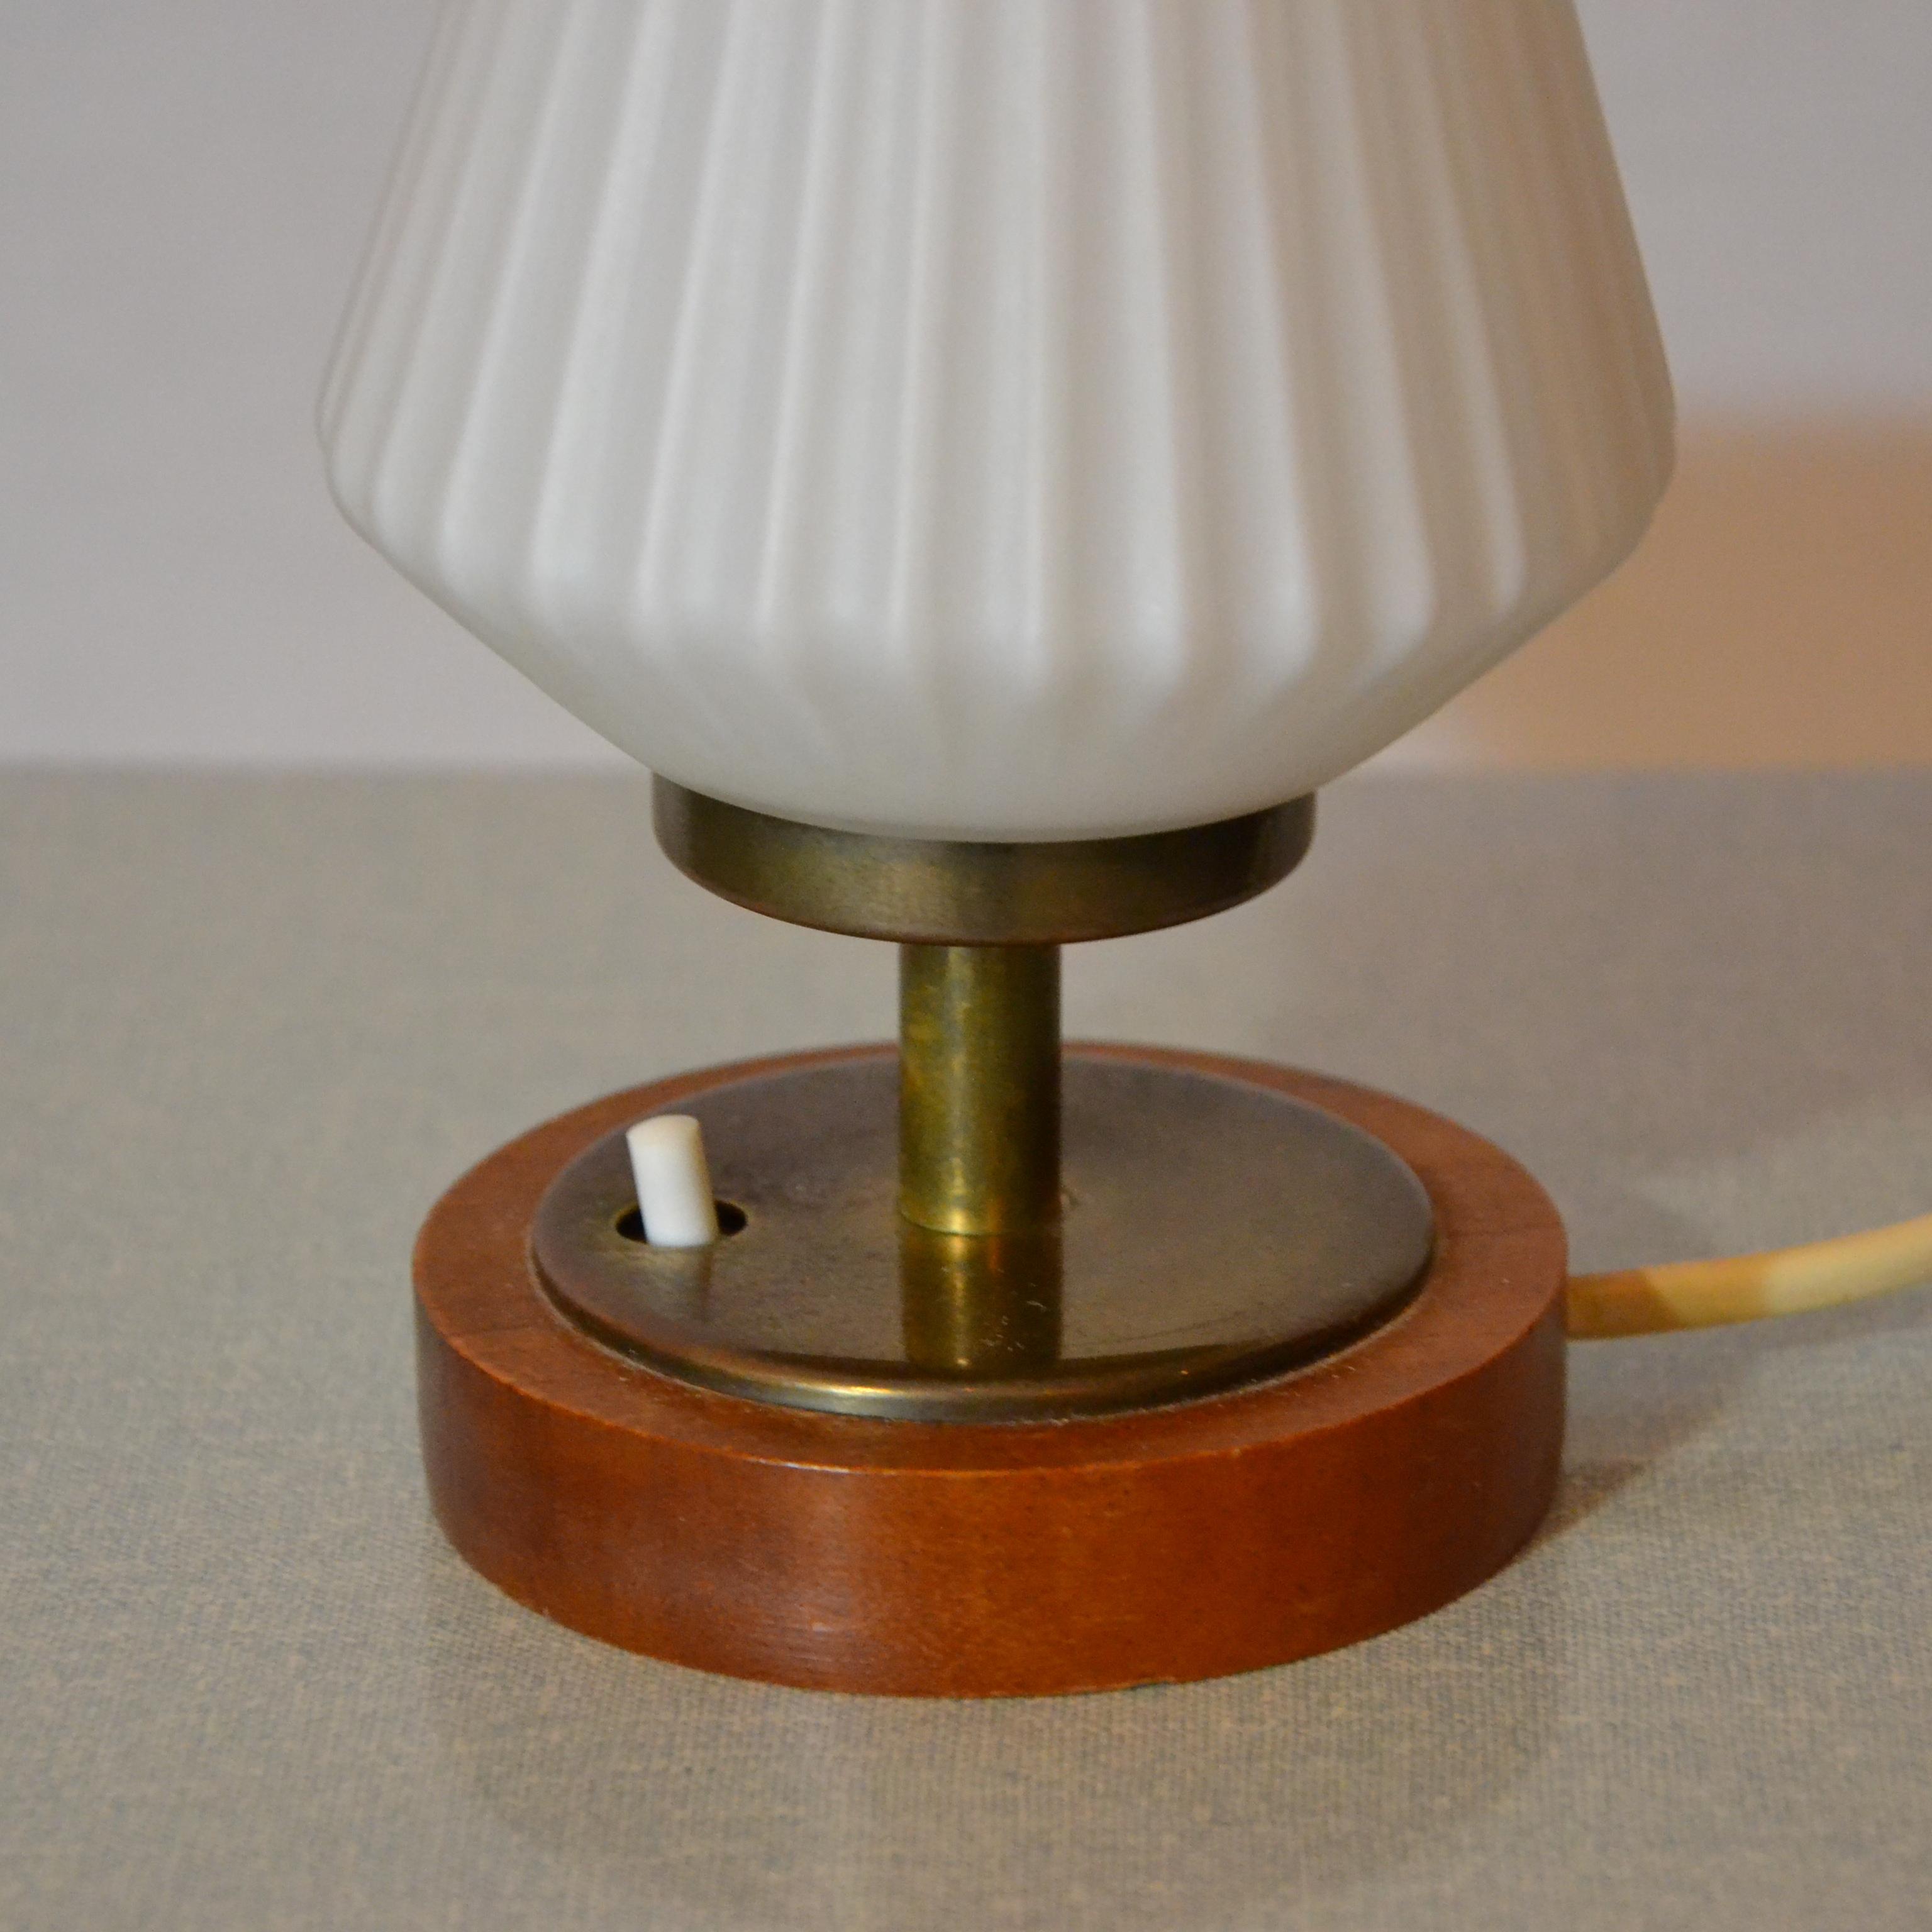 Faire une lampe de chevet architecture design for Fabriquer une lampe de chevet